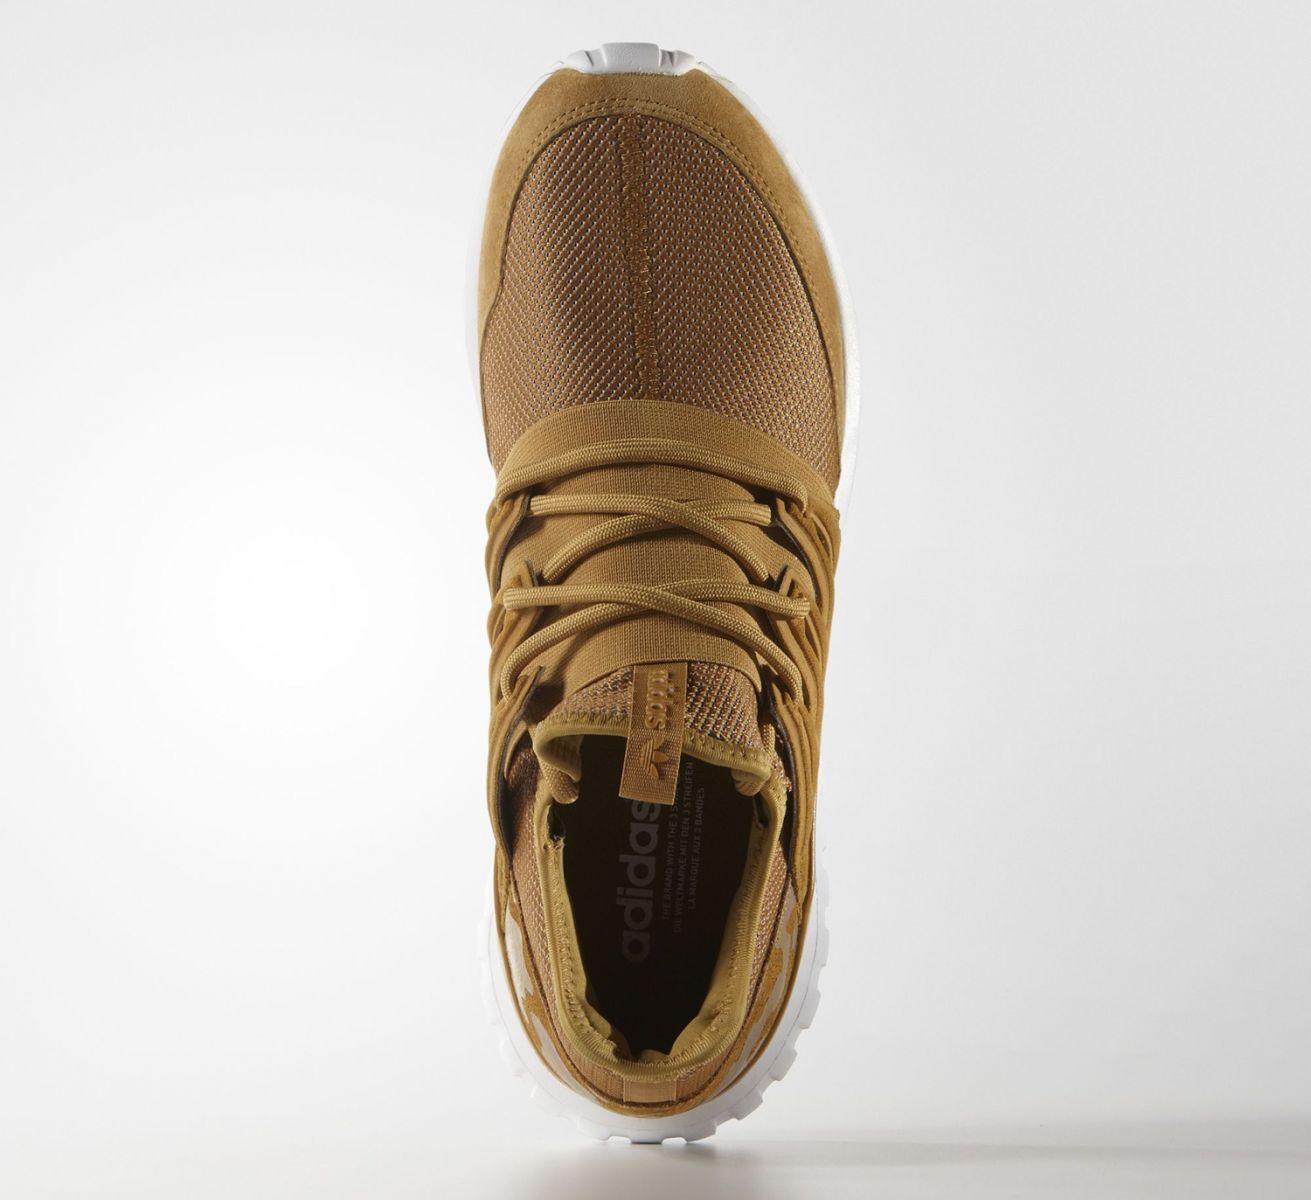 Adidas Tubular Radial Gold